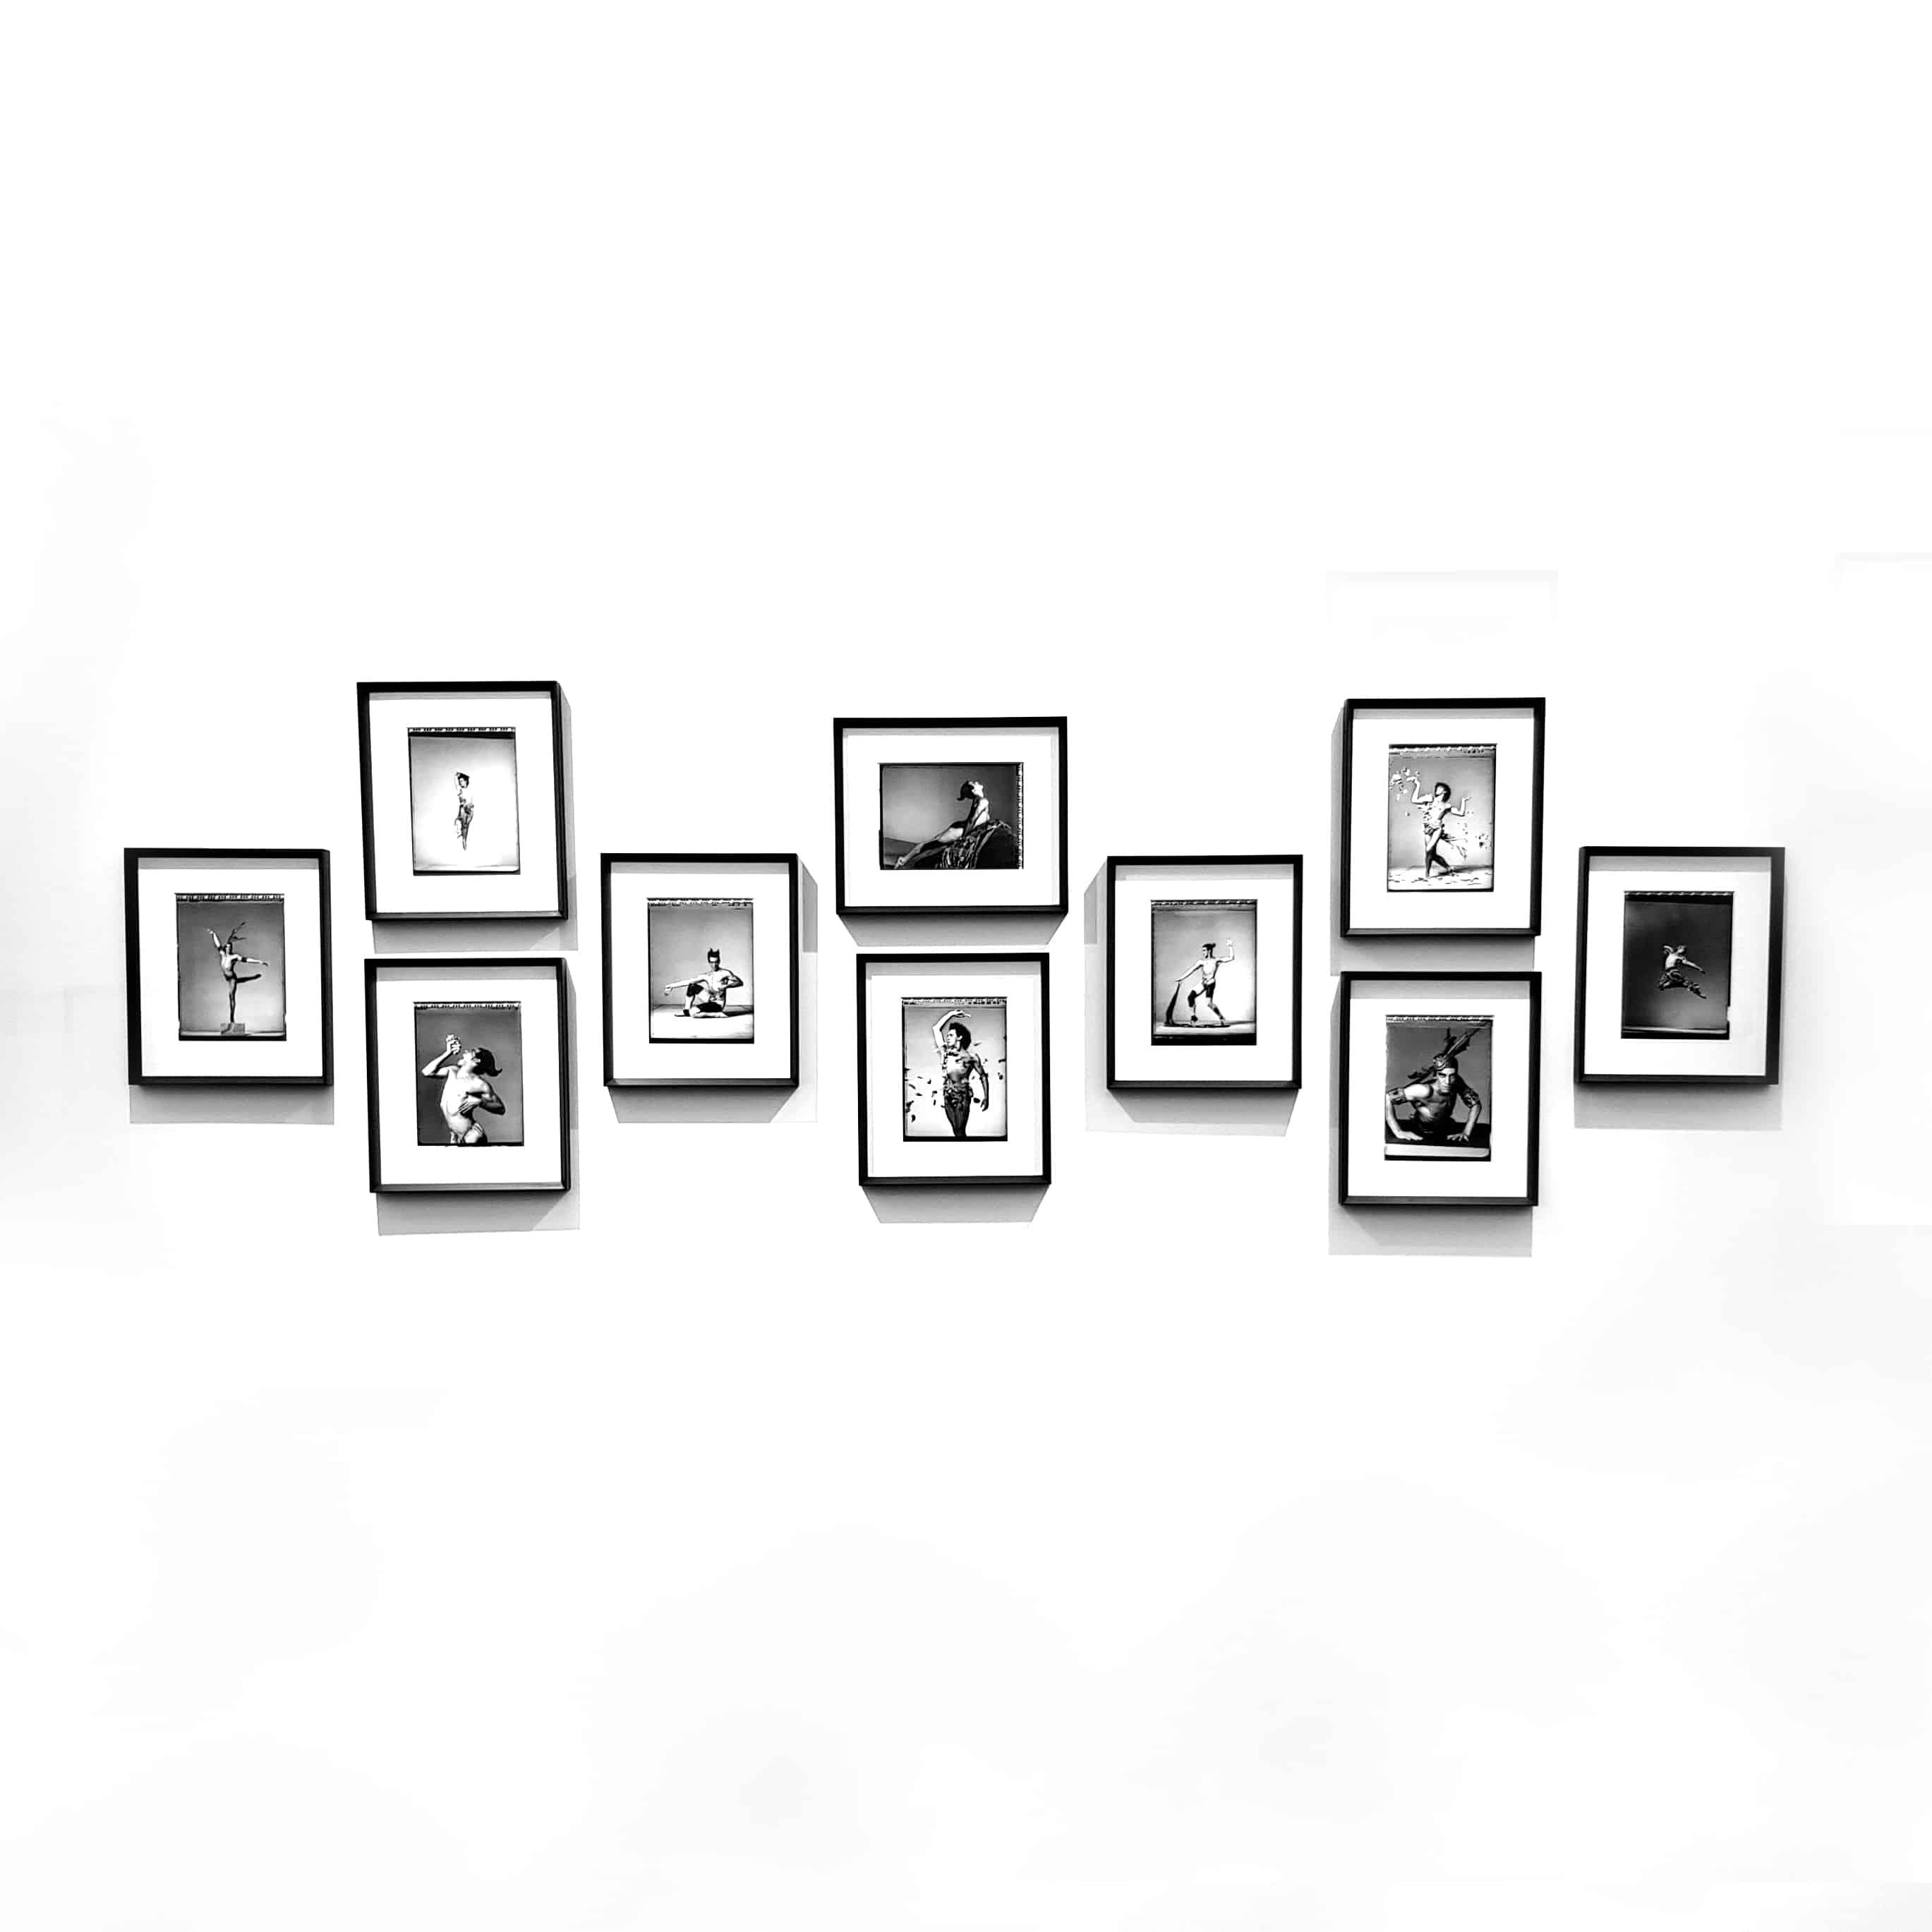 2-1 Galeria LueLue